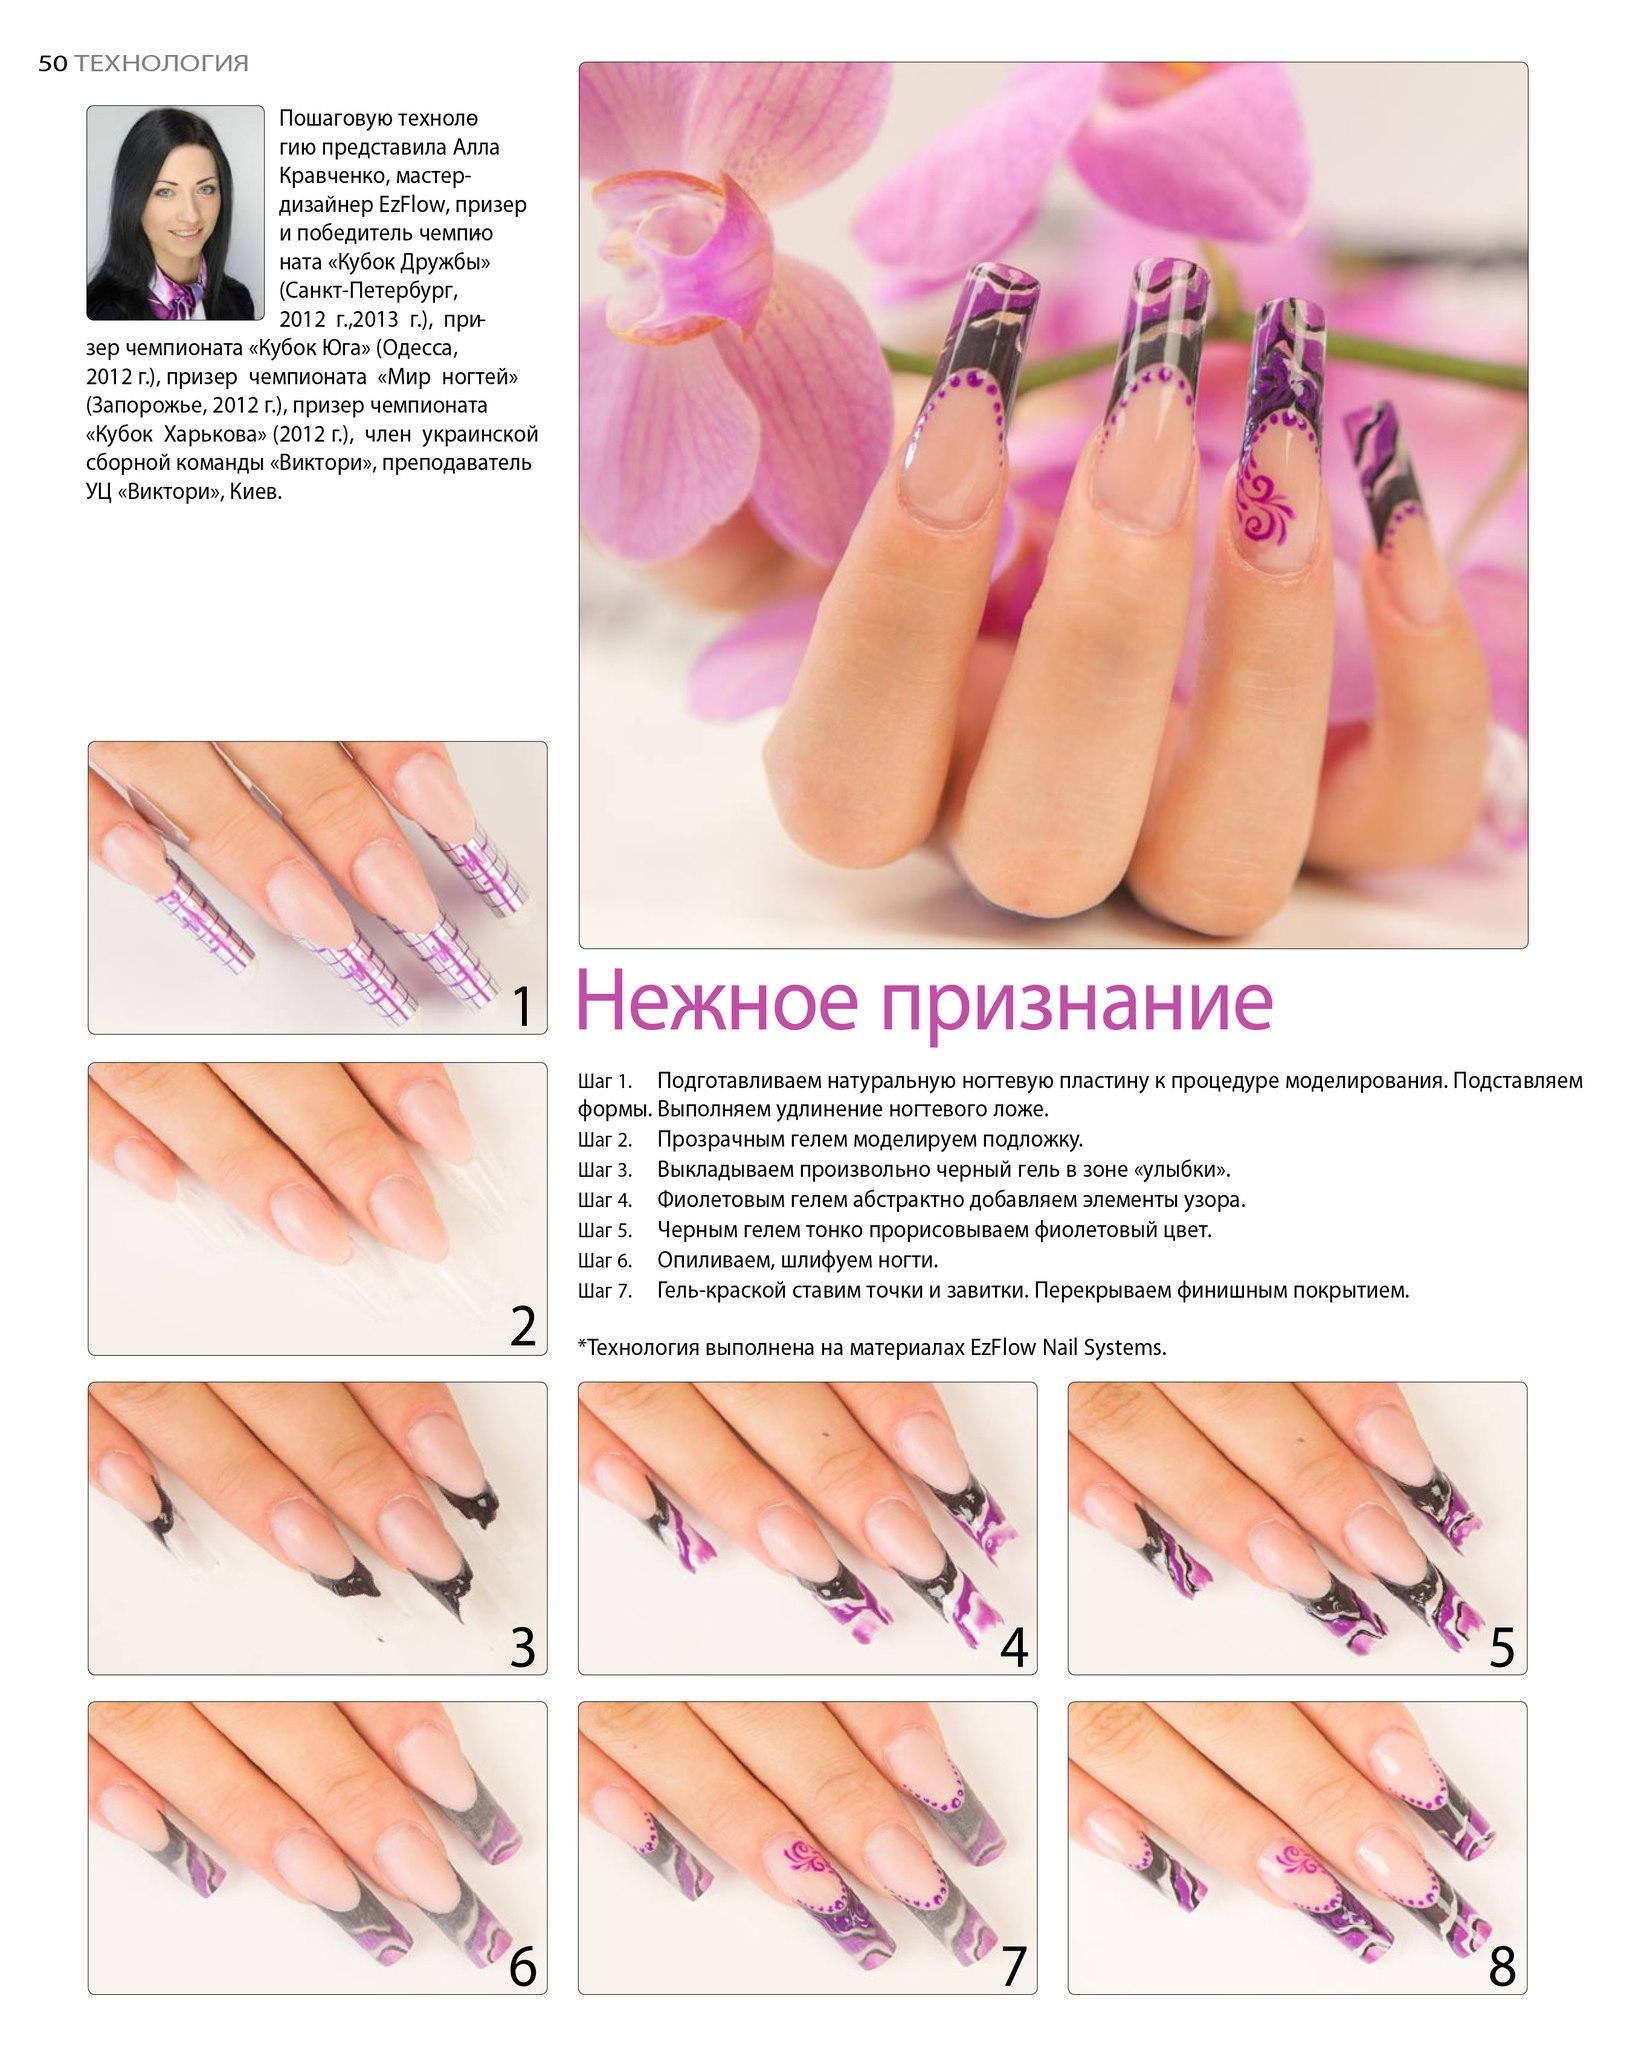 Мастер класс моделирование ногтей Алла Кравченко для журналов